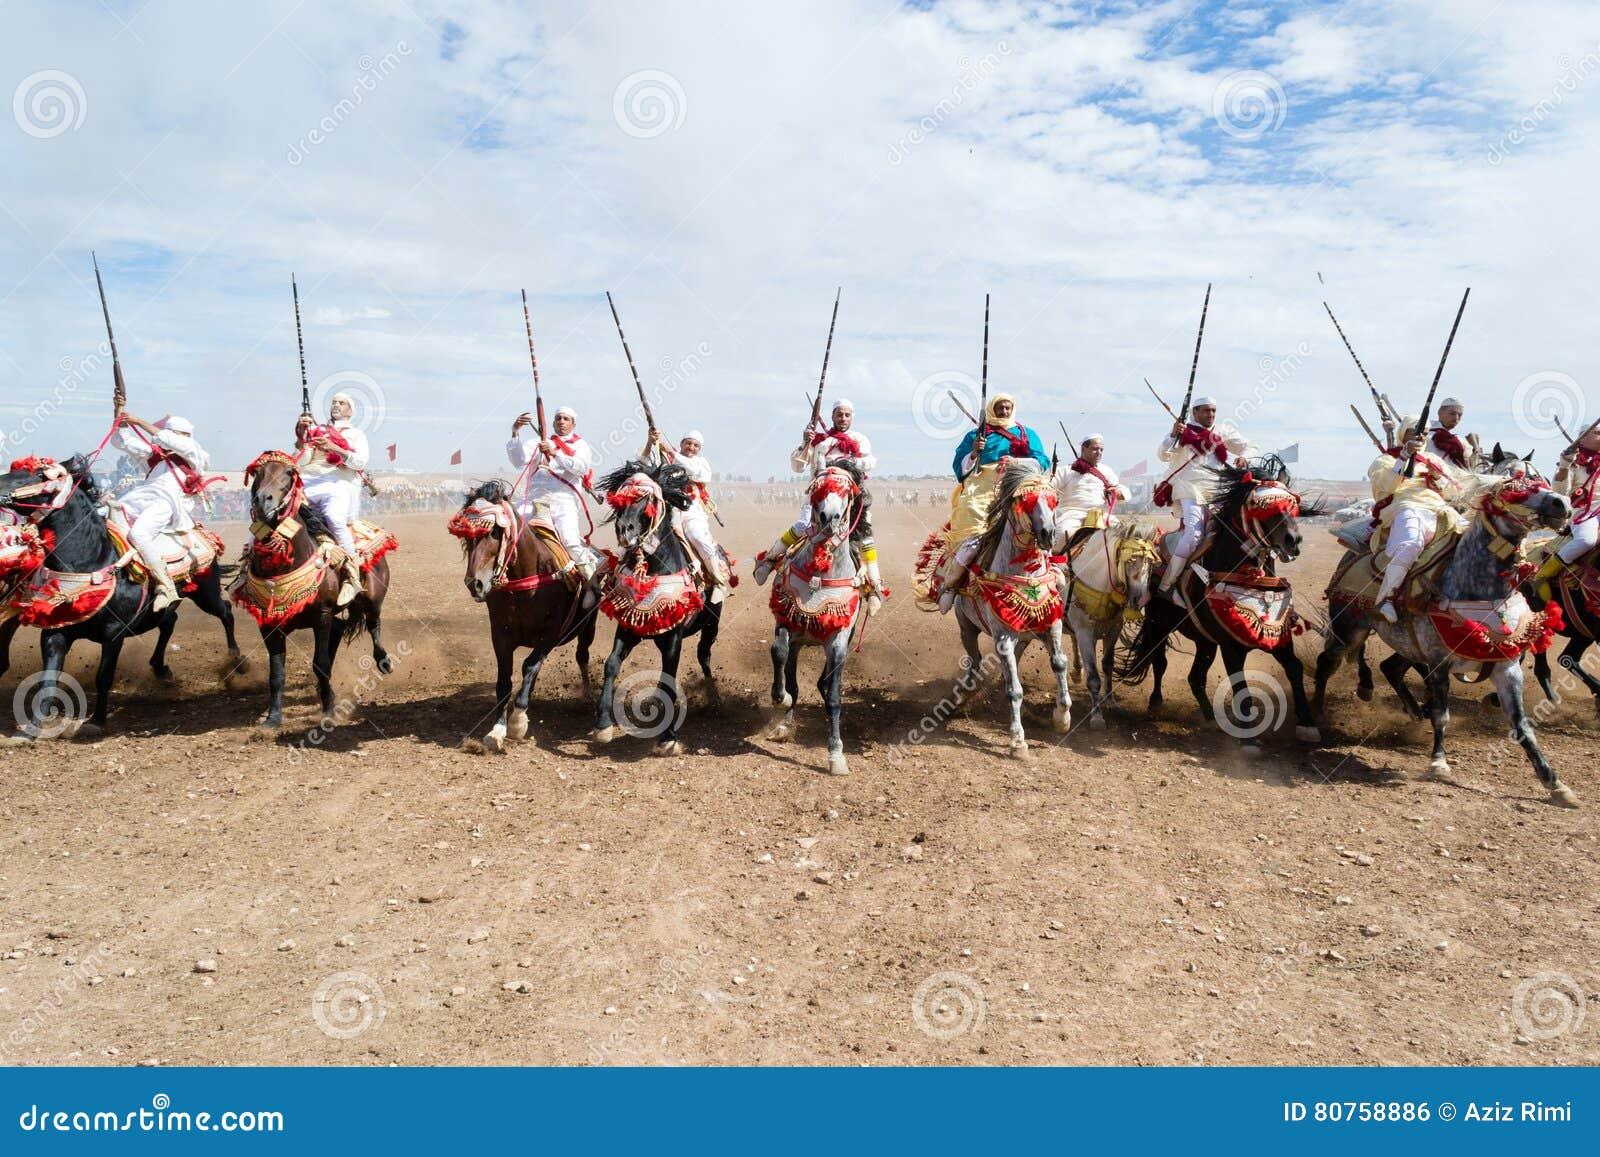 Marokkaanse paardruiters in Fantasieprestaties